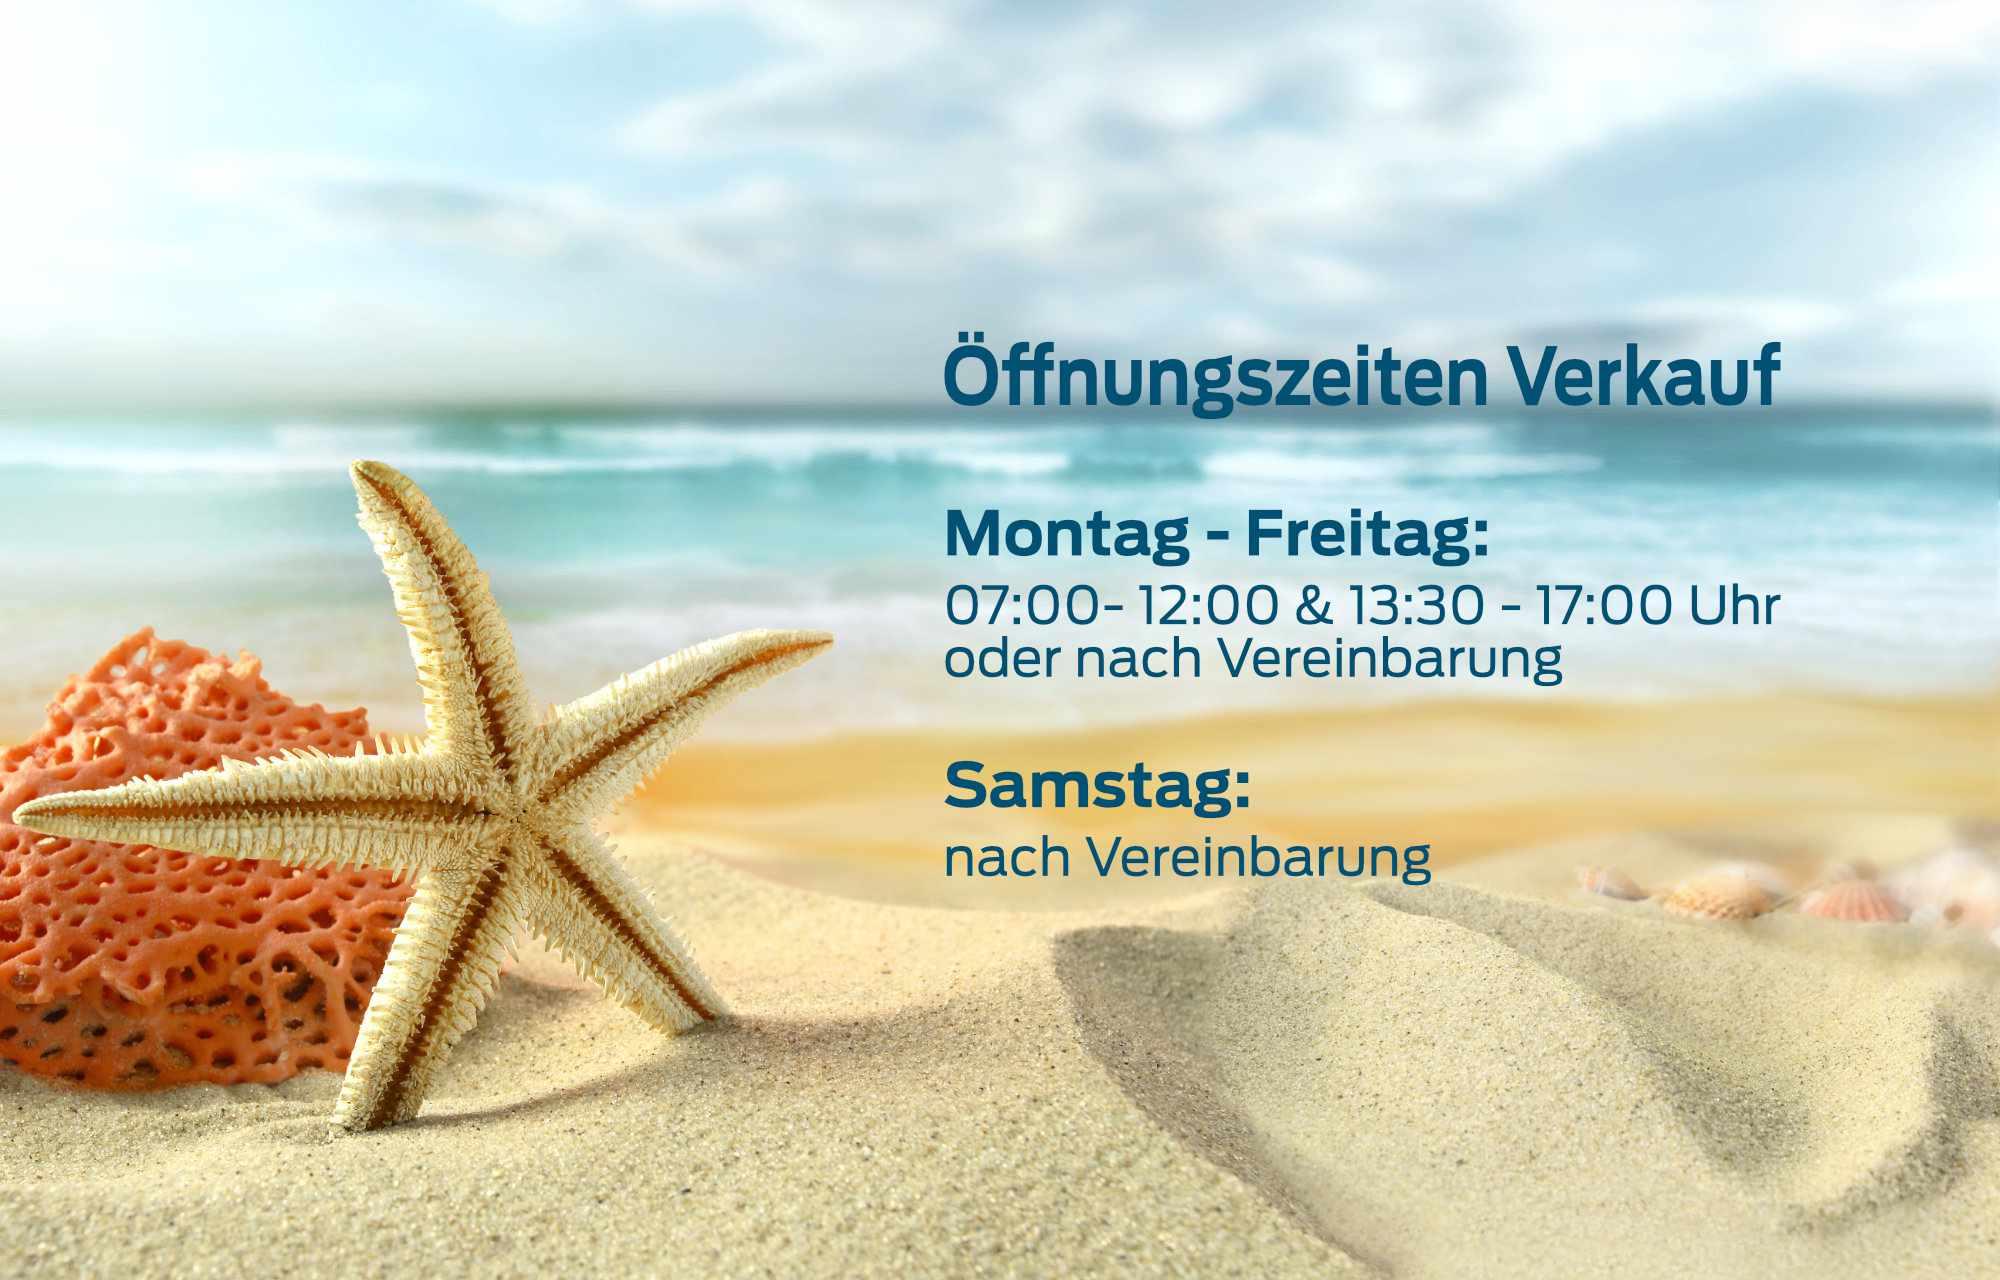 Öffnungszeiten Verkauf Sulzer Auto AG